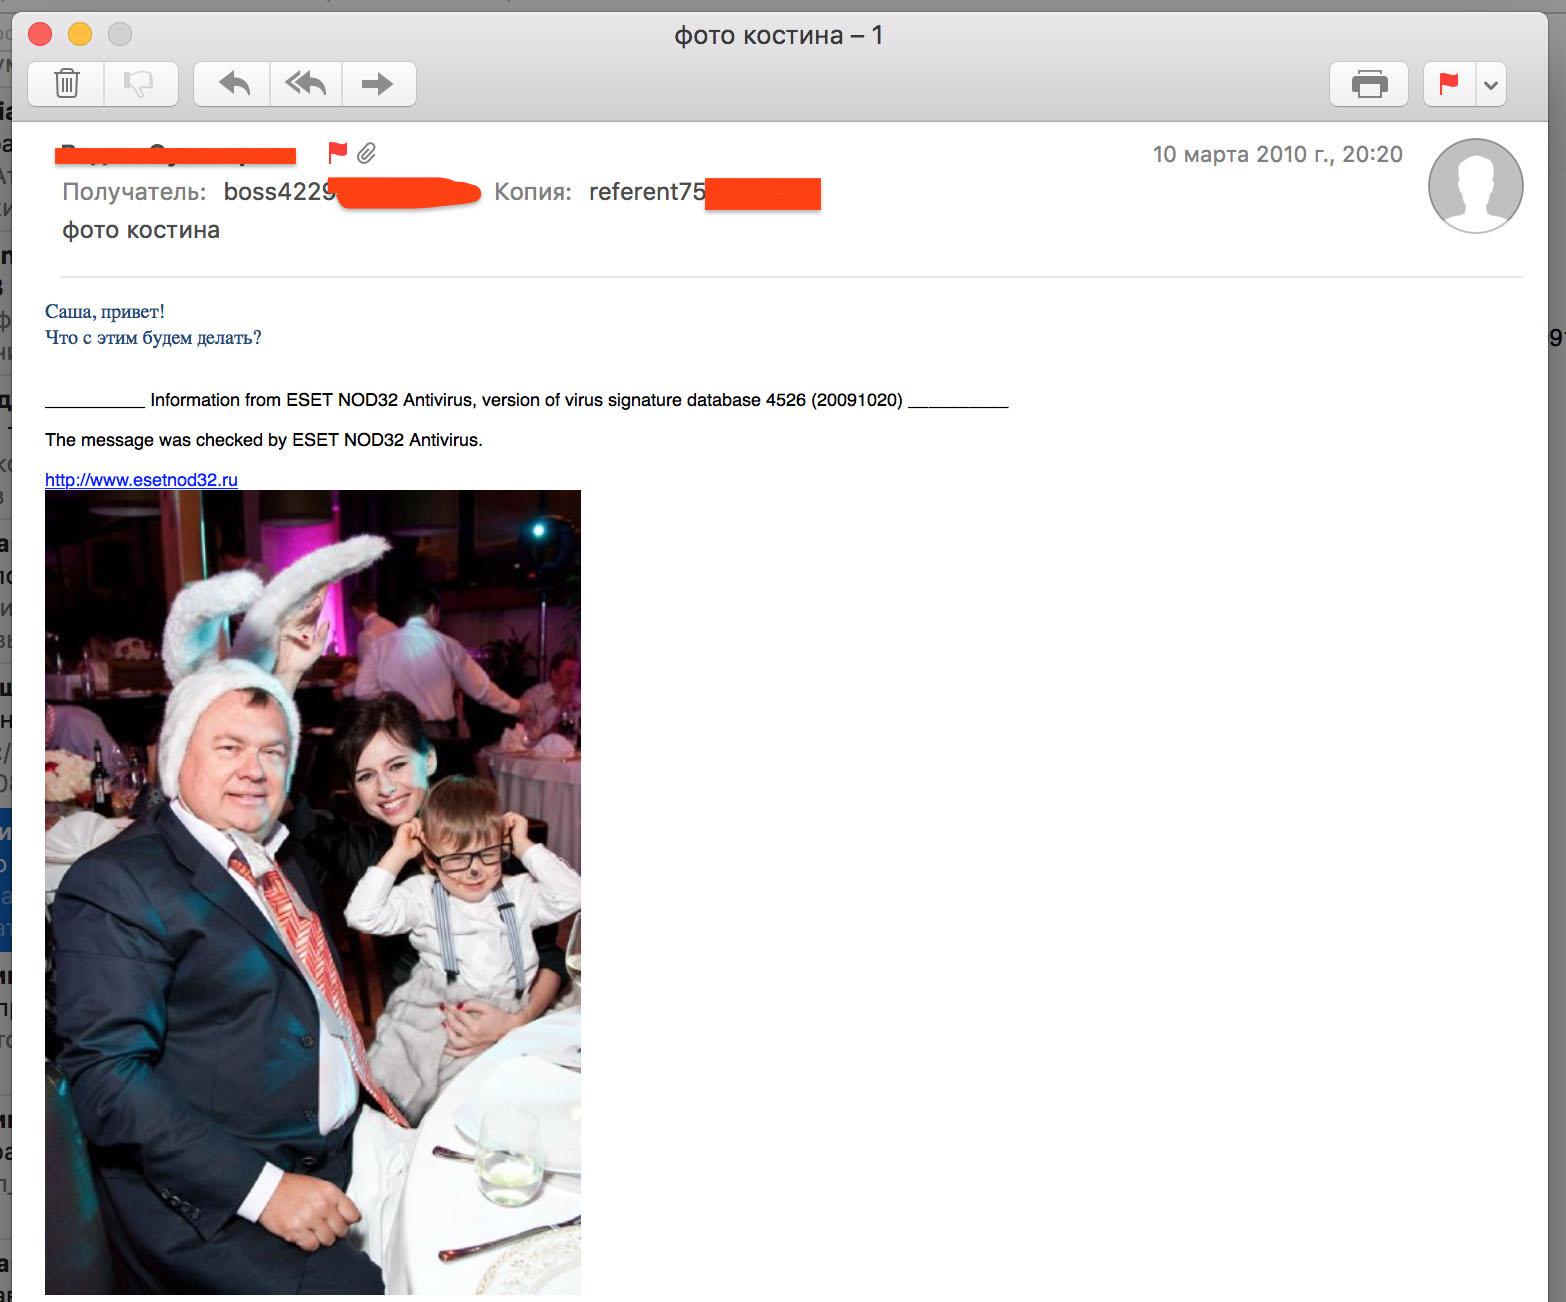 http://ic.pics.livejournal.com/ntv/14201556/1766099/1766099_original.jpg